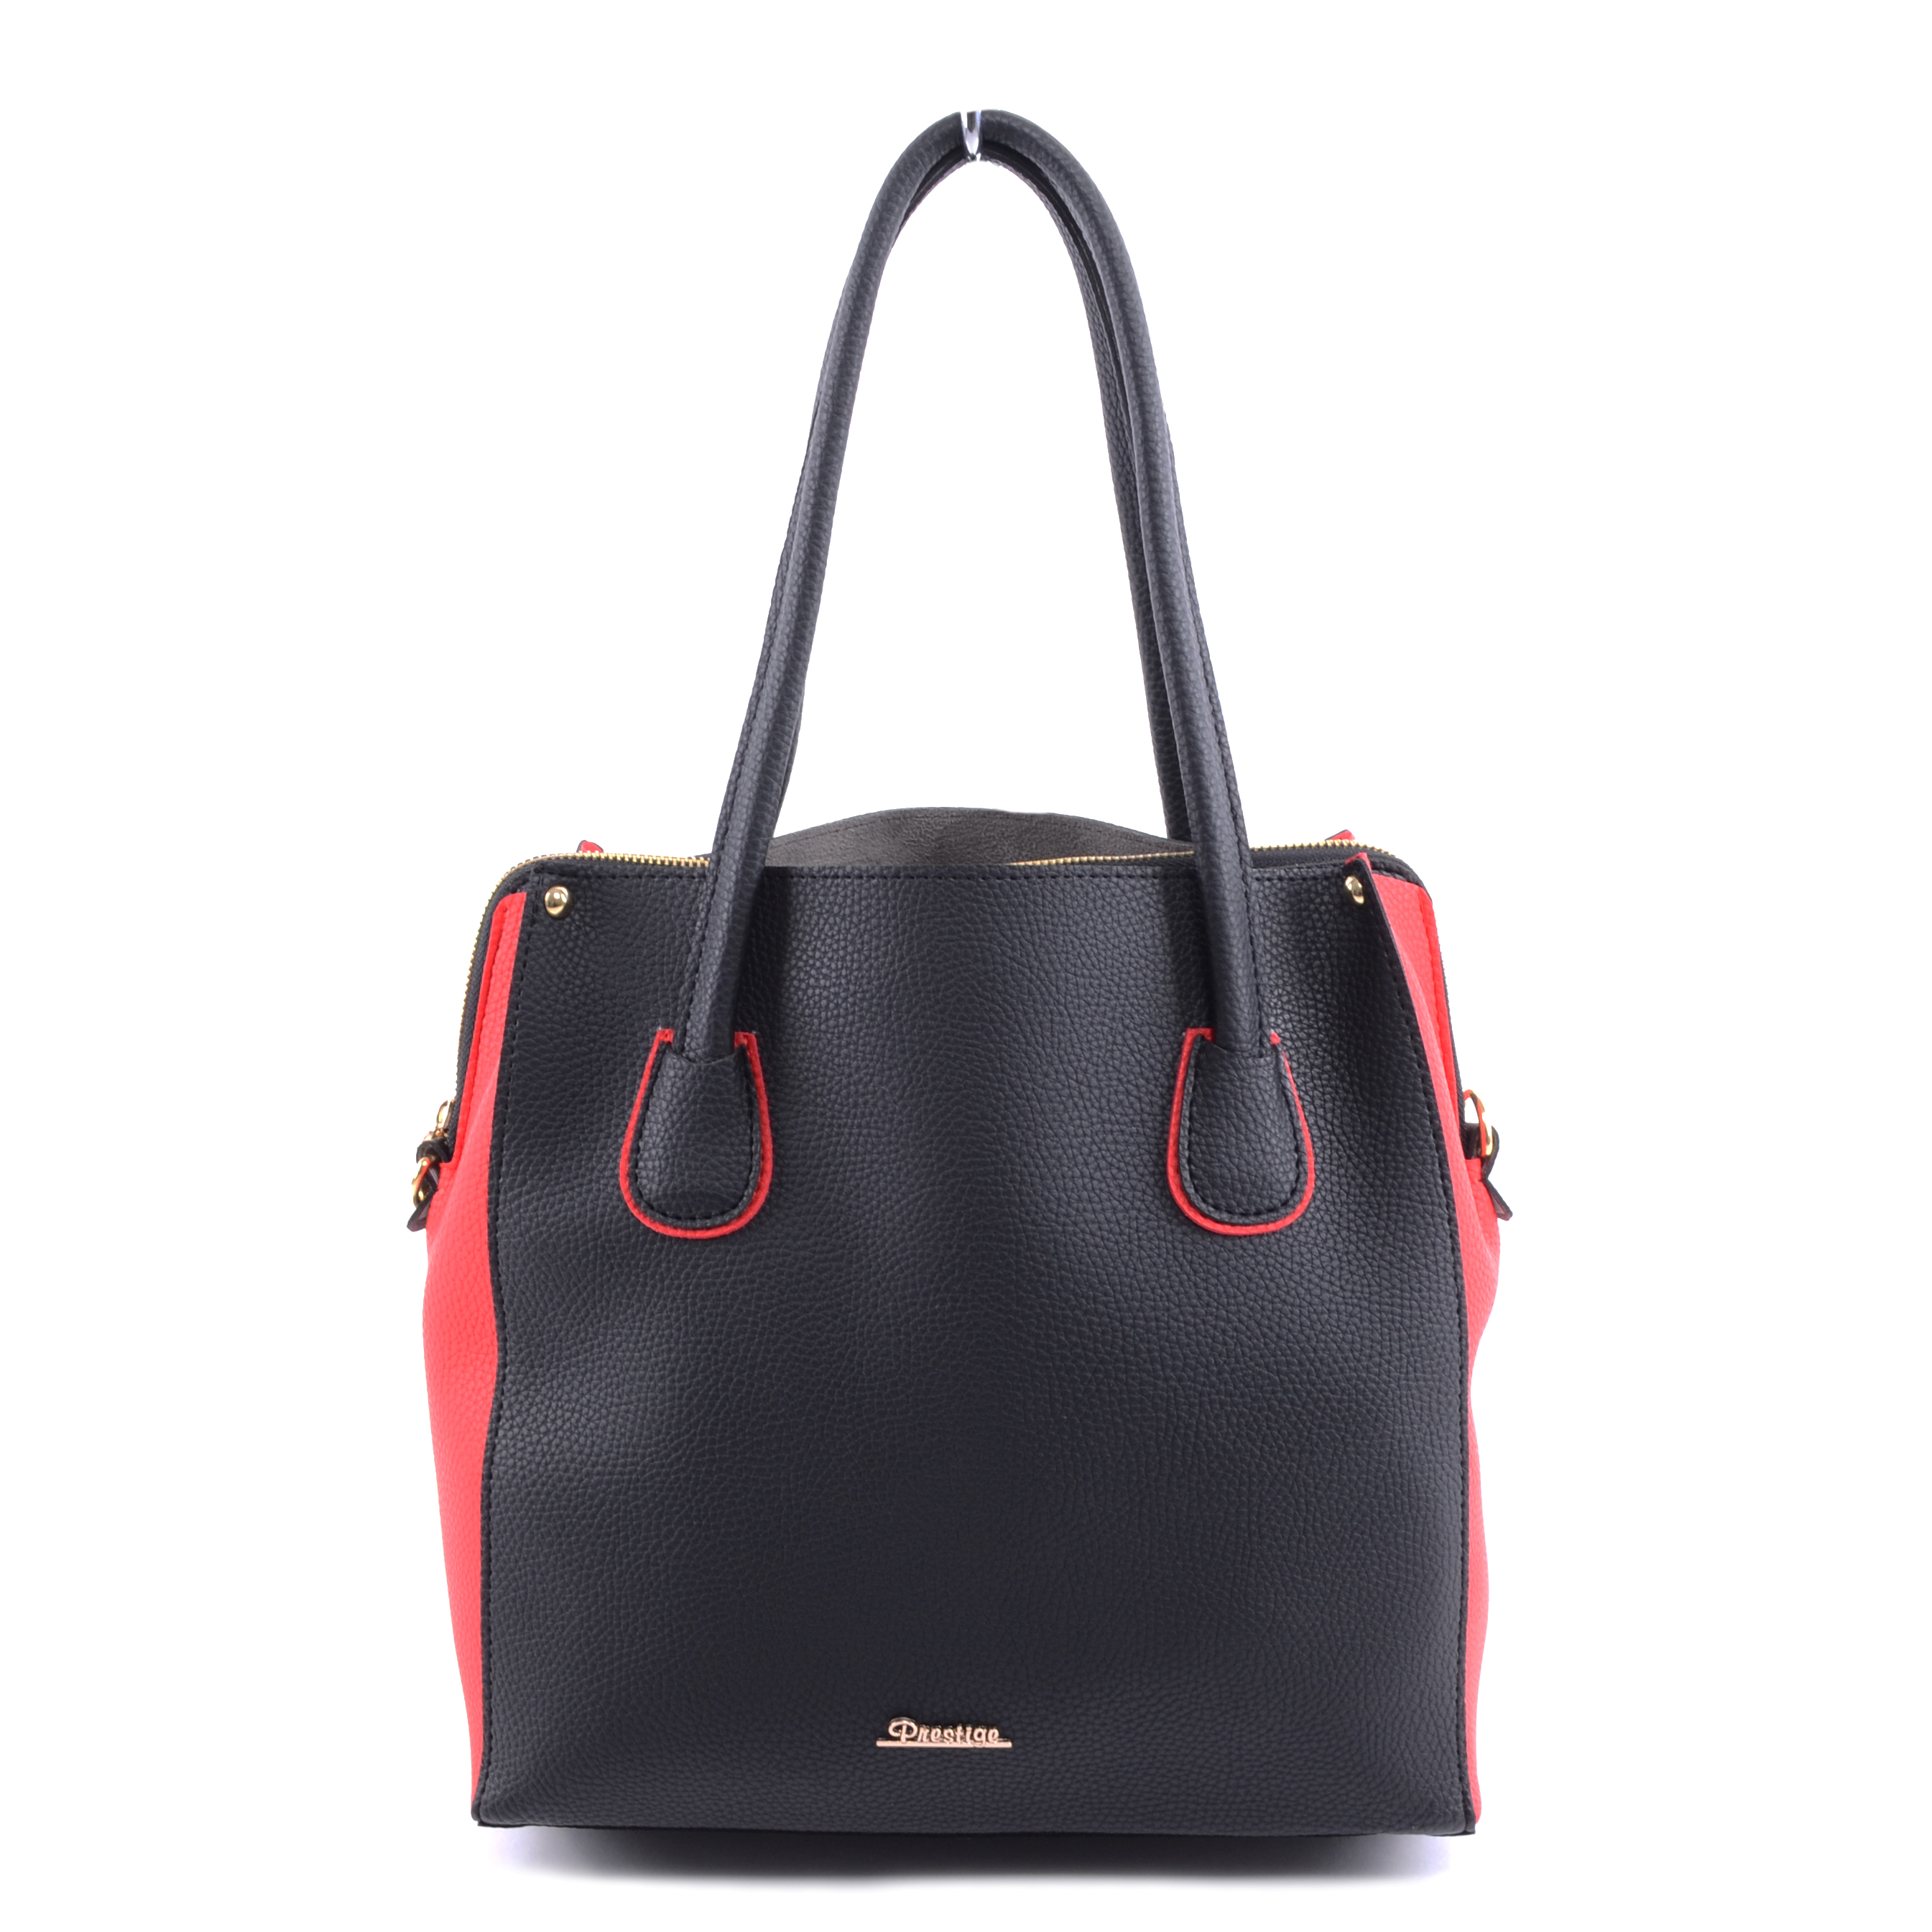 Prestige Női Műbőr Válltáska Fekete-Piros - Válltáskák - Táska webáruház -  Minőségi táskák mindenkinek e06407a80d